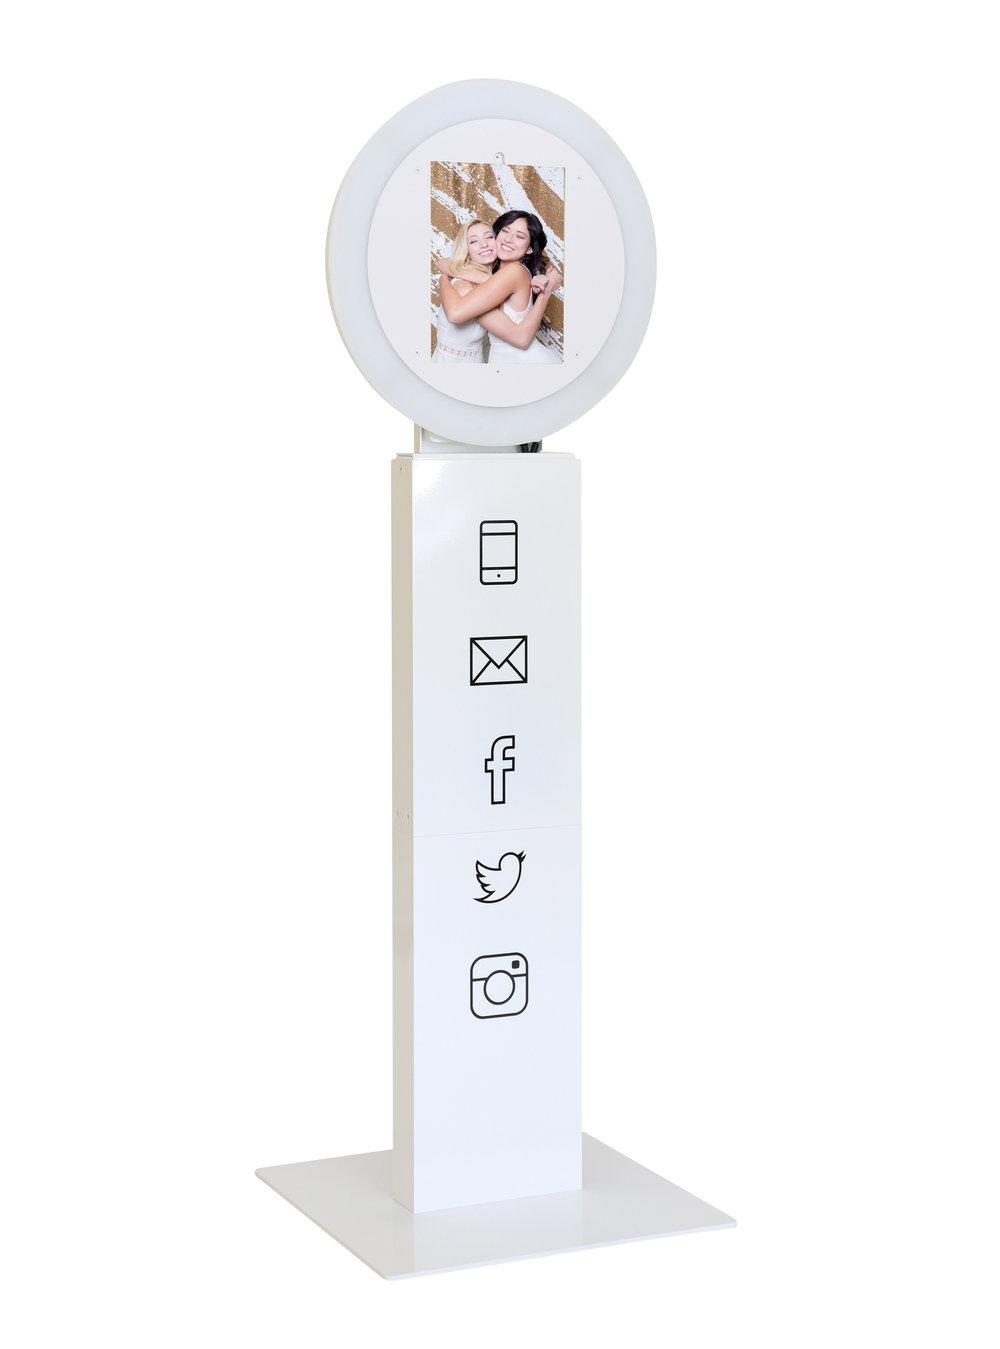 OMG MIami Selfie Booth.jpg